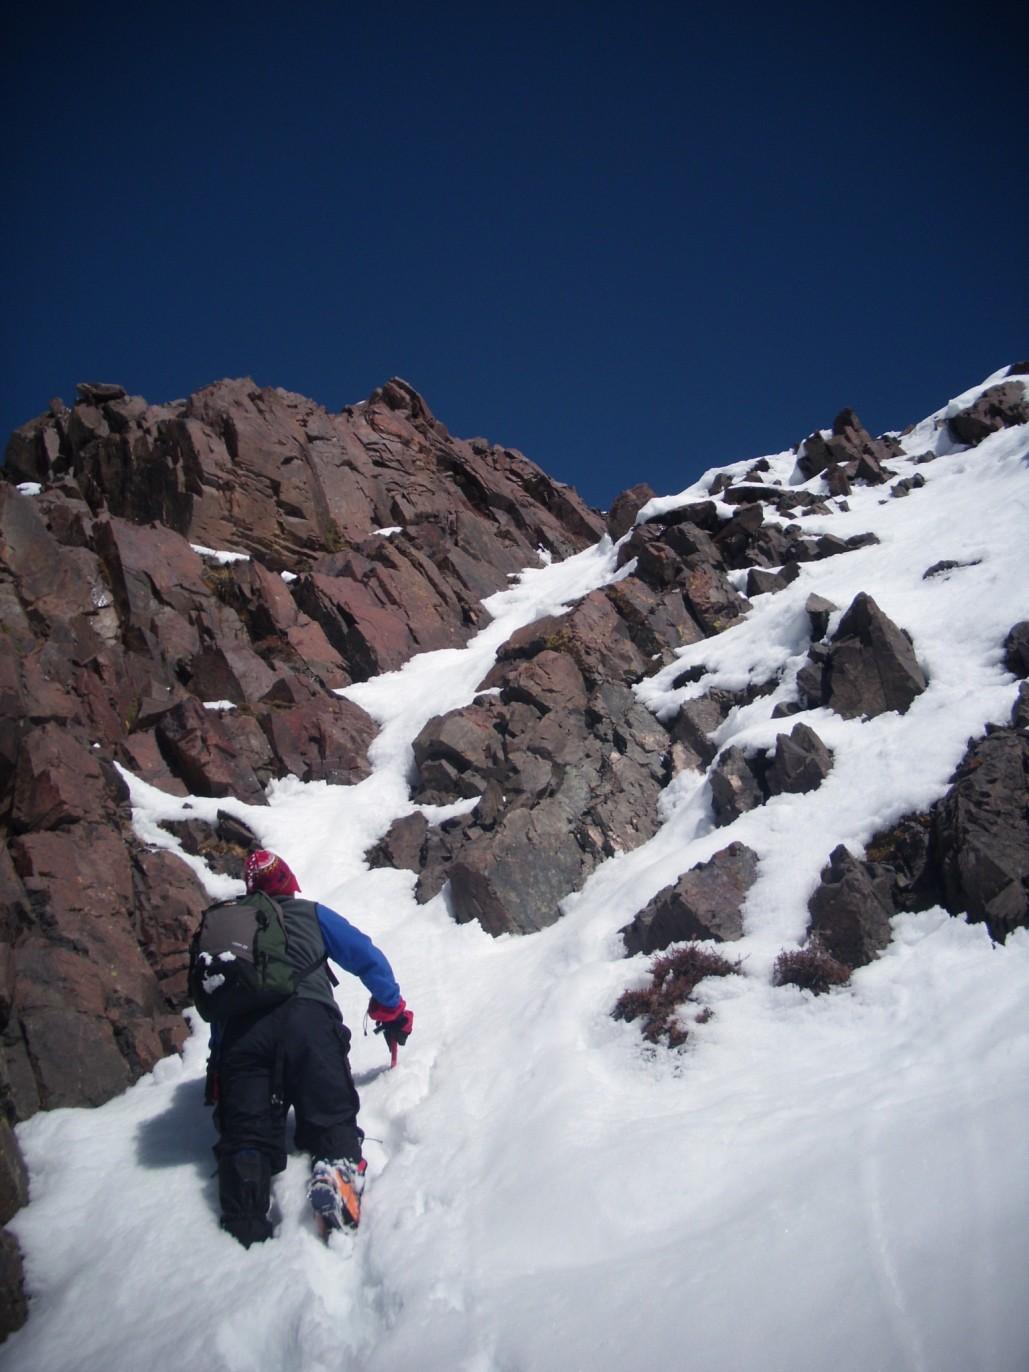 Ultimo tramo con algo nieve y hielo justo abajo del tramo final de roca.